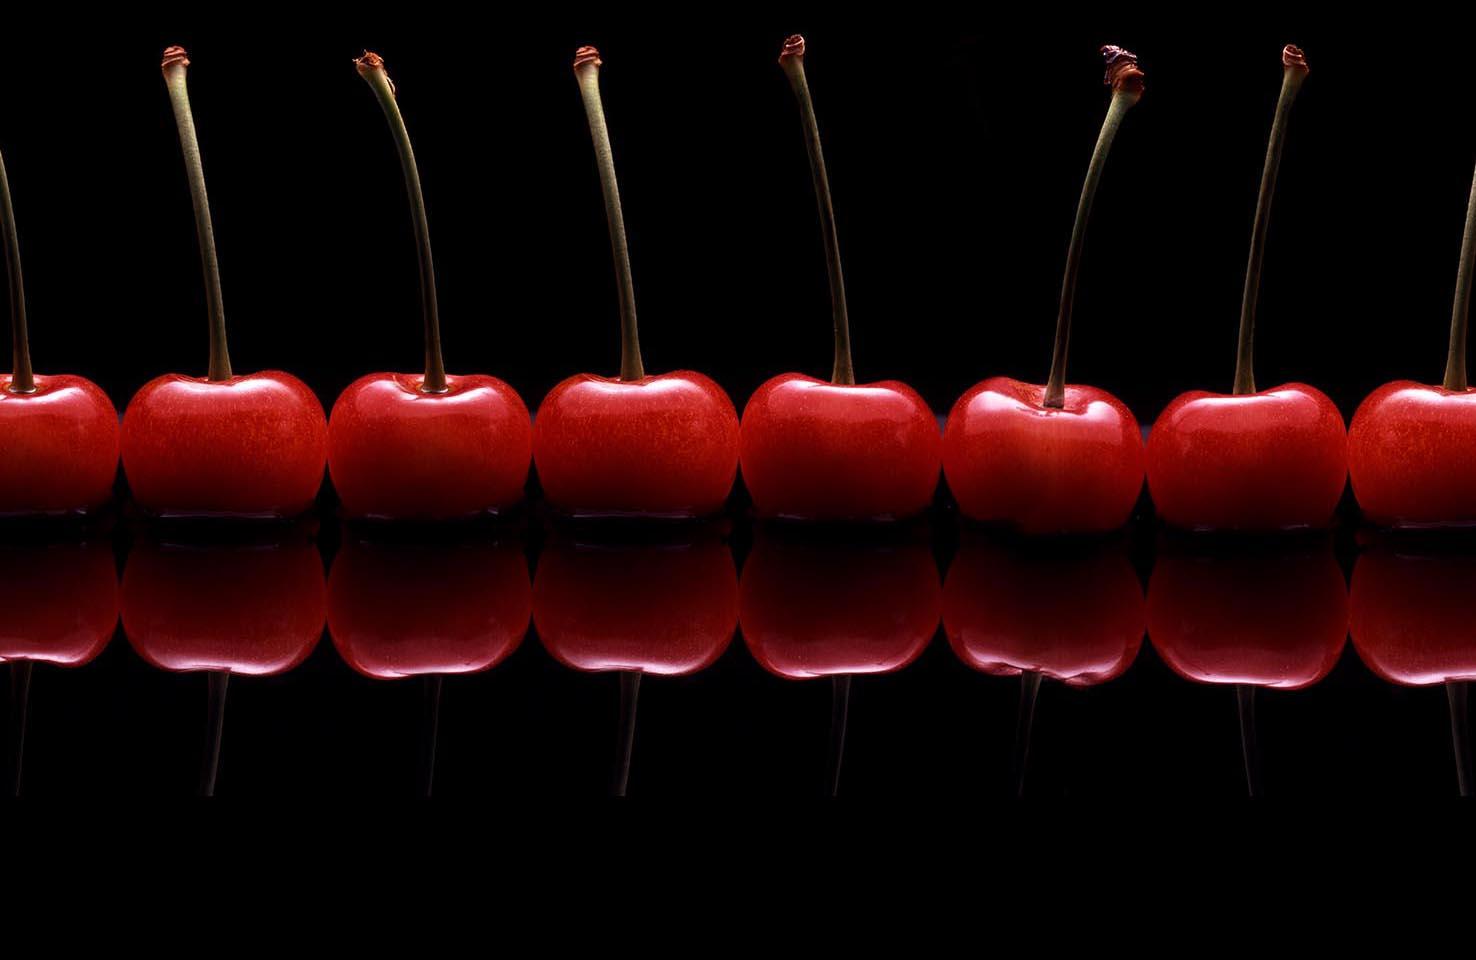 background_image